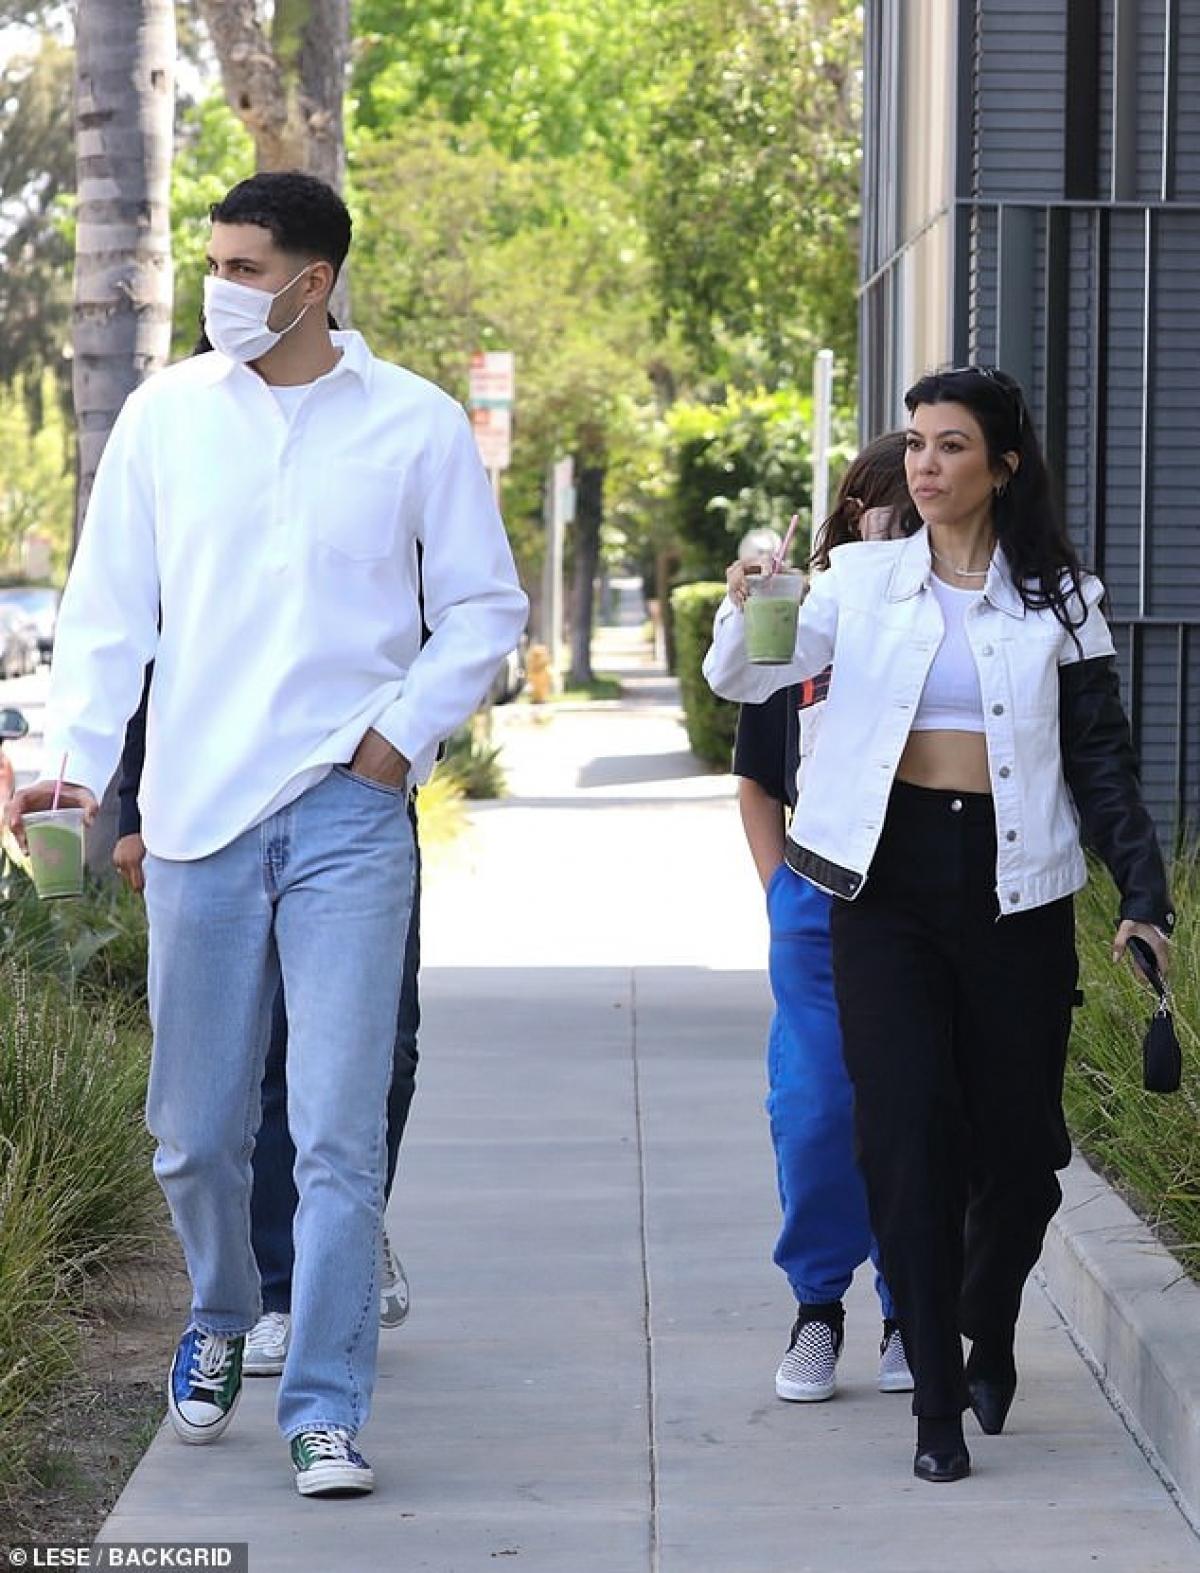 Chị gái Kim Kardashian diện trang phục cá tính, khoe khéo vòng eo thon gọn, săn chắc.